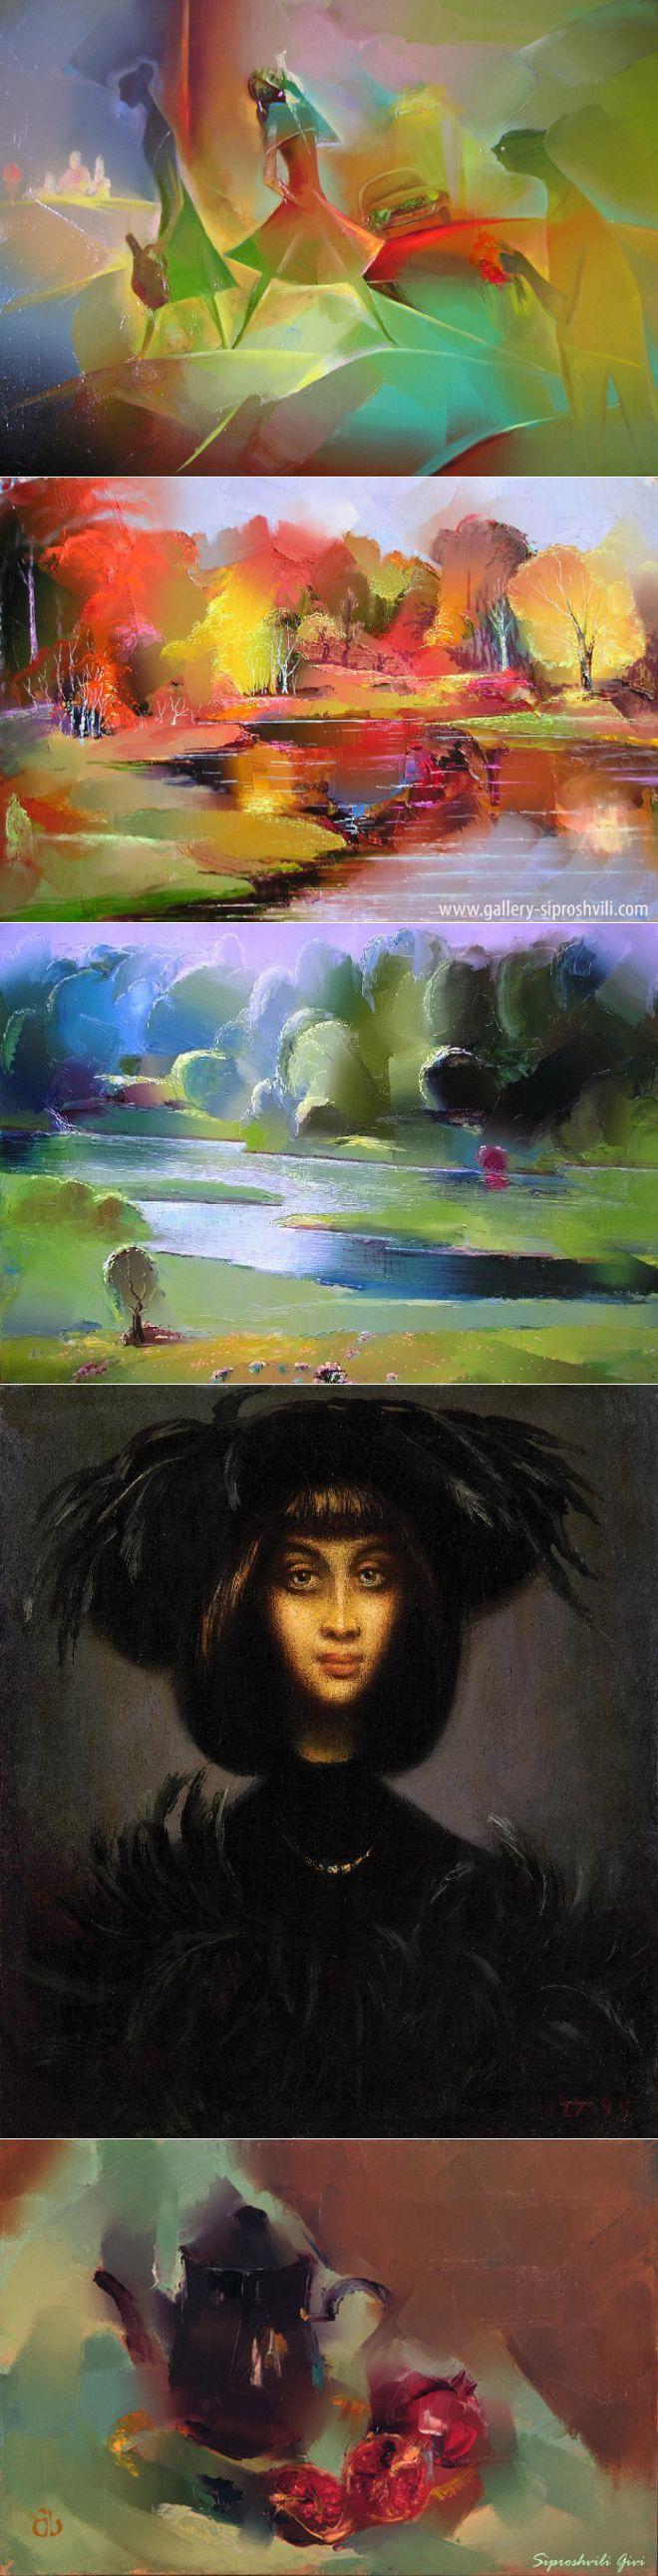 Уникальный грузинский художник Гиви Сипрошвили | Современное искусст | искусство | Постила